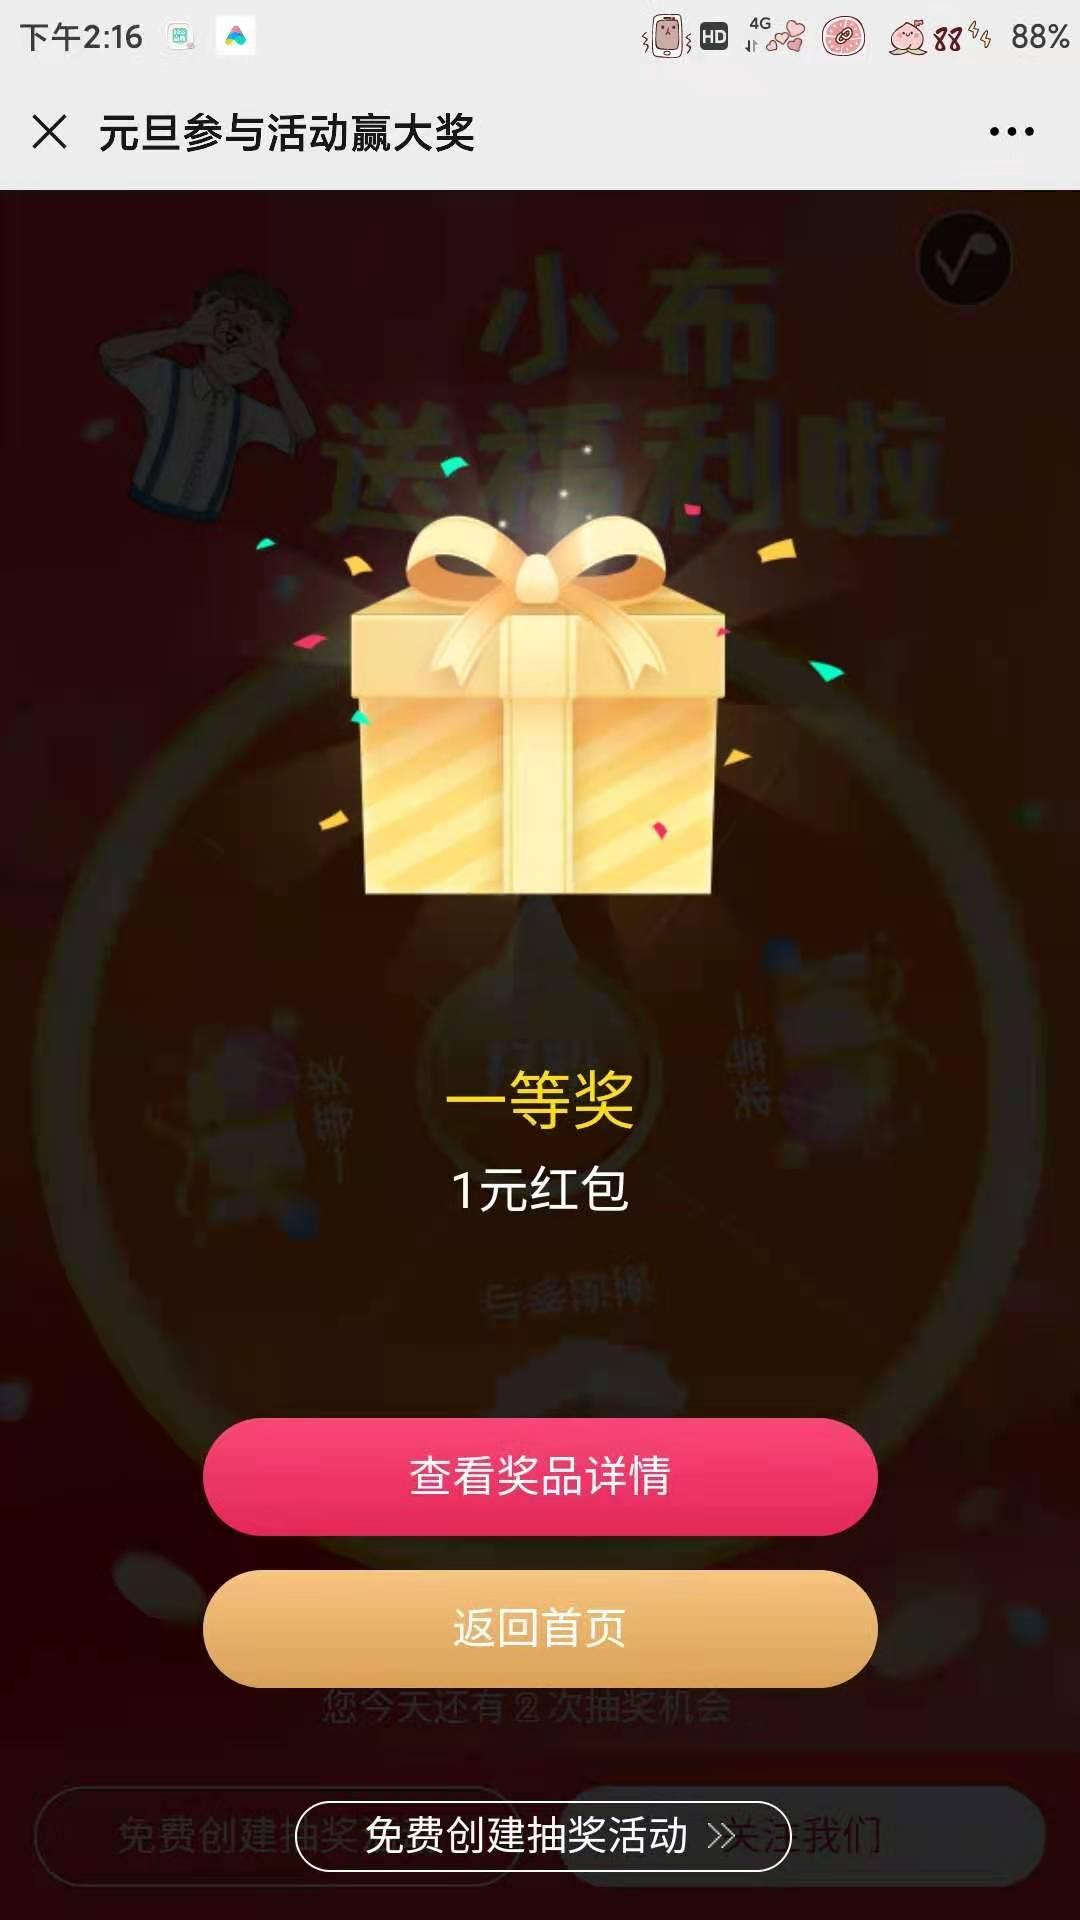 中国广州发步公众号抽红包大水插图1